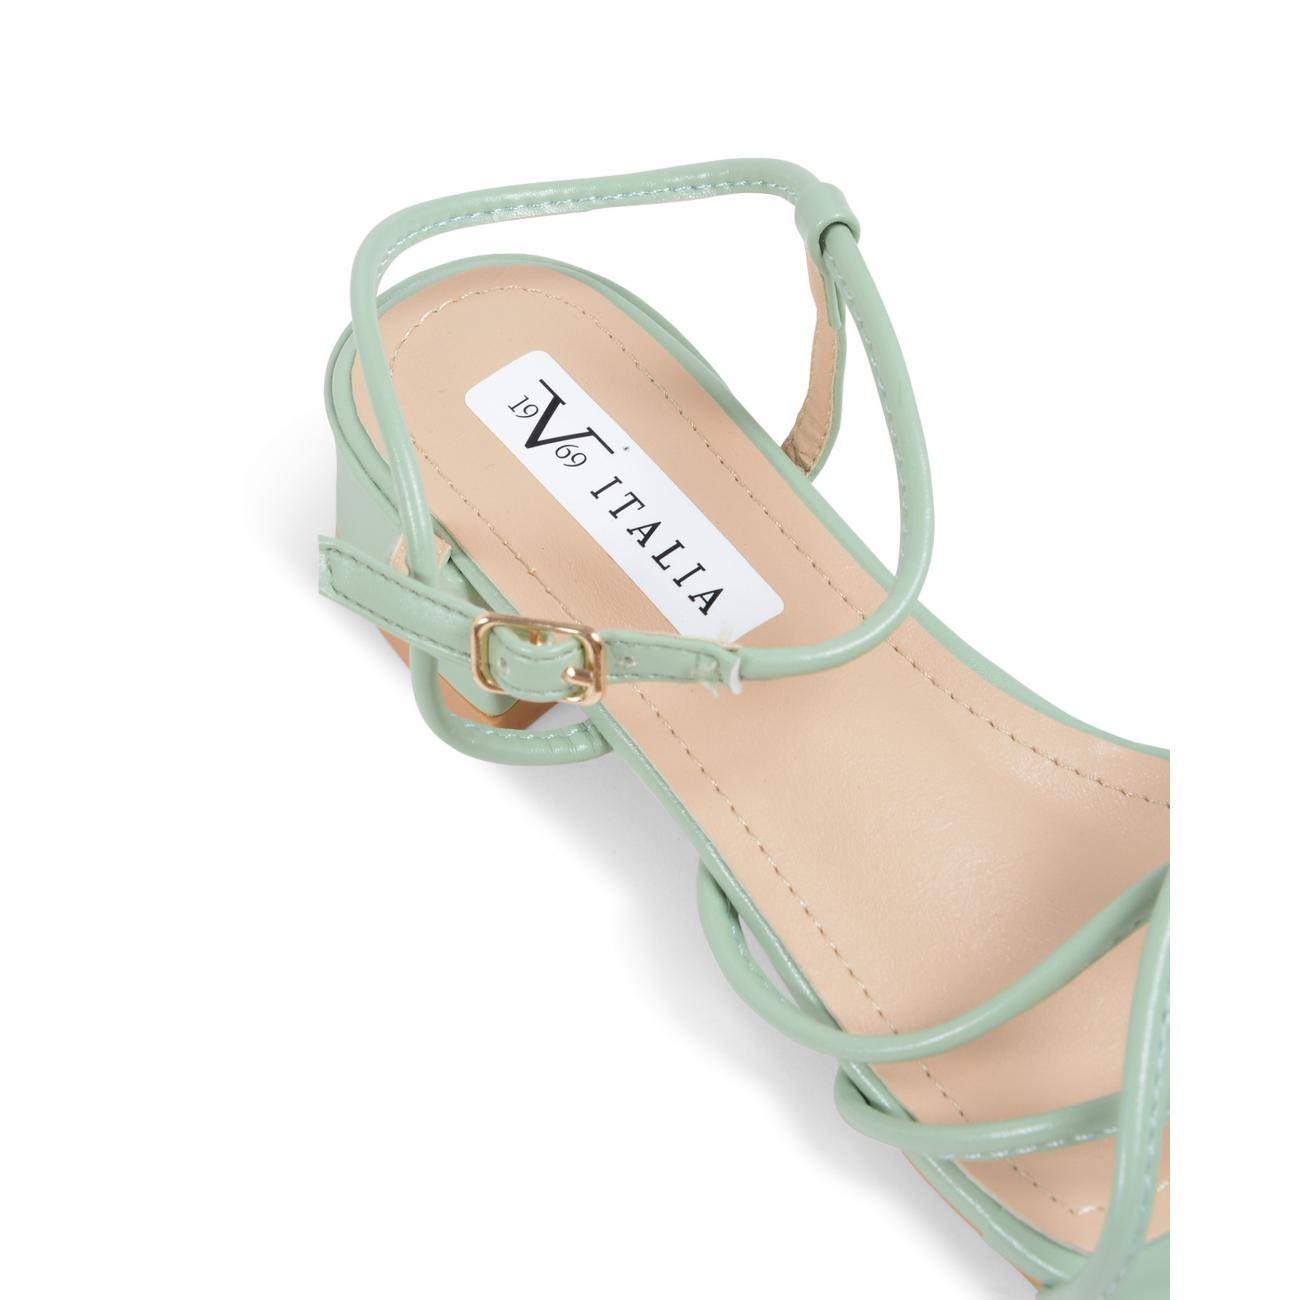 19V69 Italia Women's Sandal Green V81828 GREEN